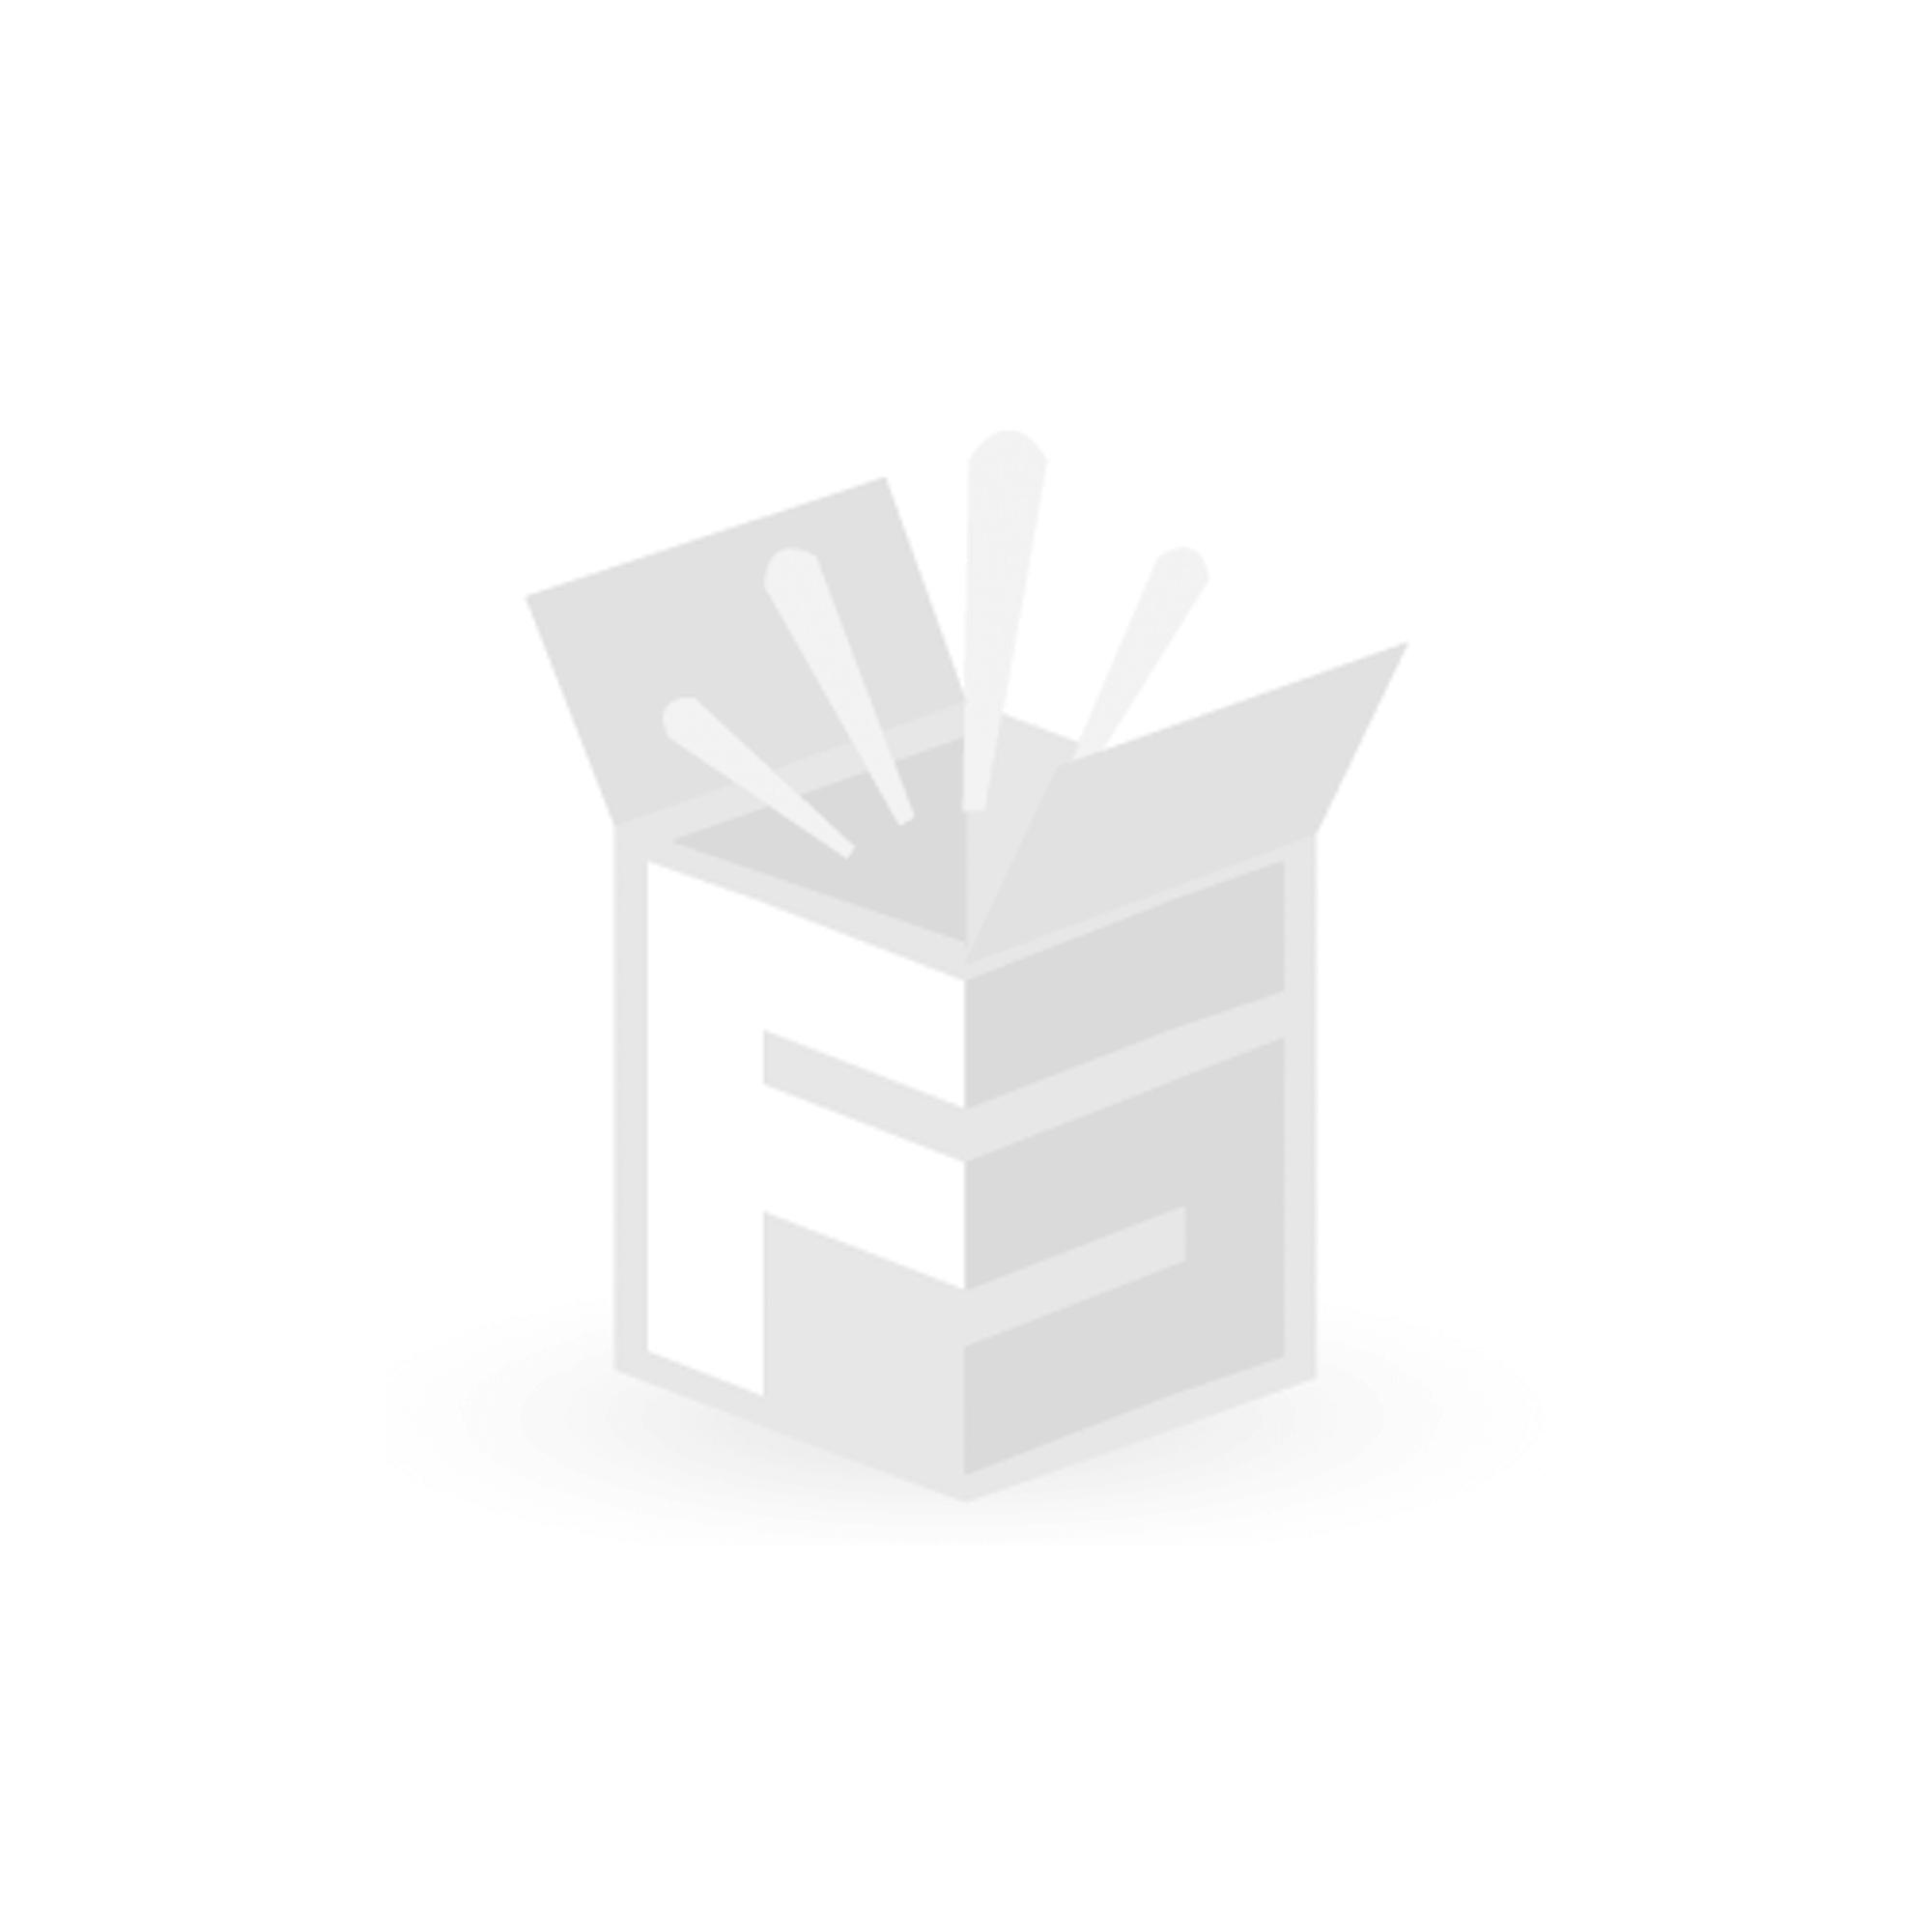 FS STAR Schutzhülle für Möbel eckig 185 x 125 x 85cm